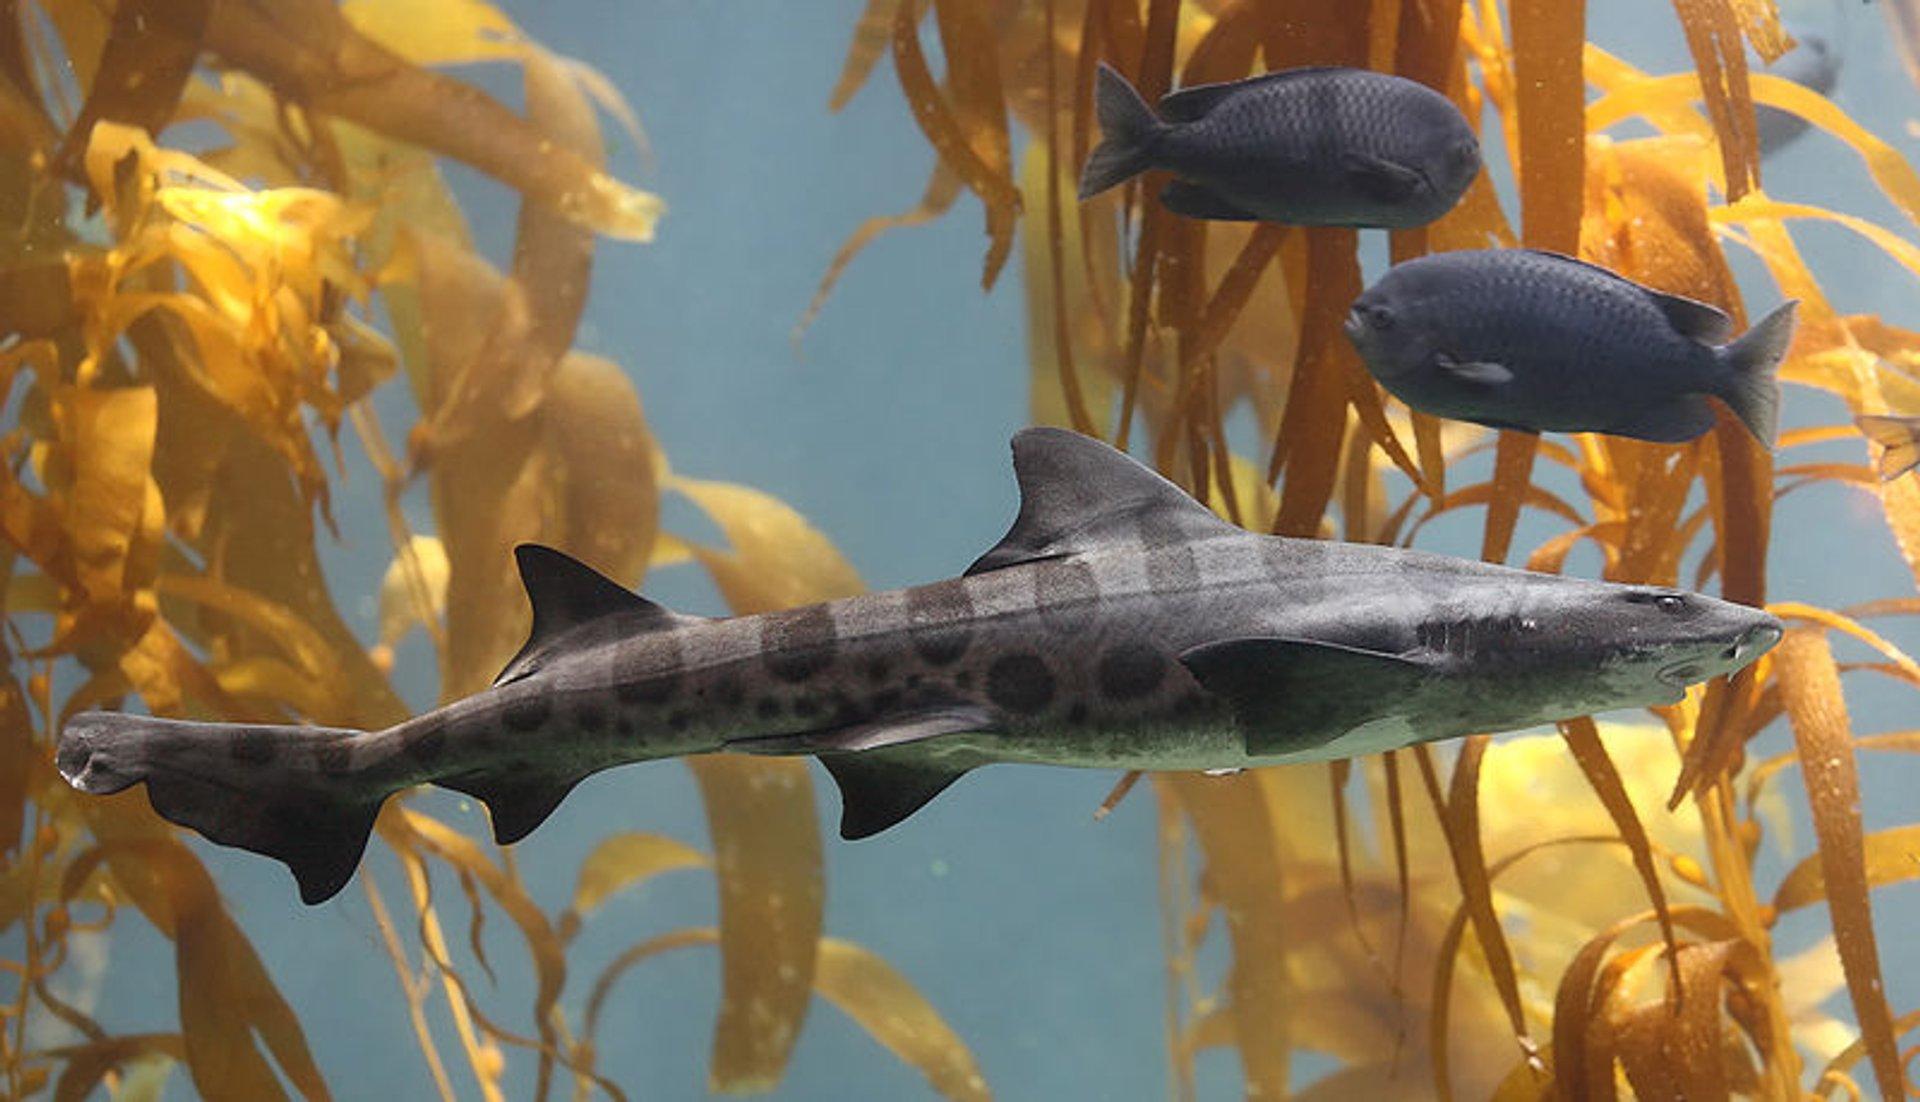 Snorkeling with Leopard Sharks at La Jolla in San Diego - Best Season